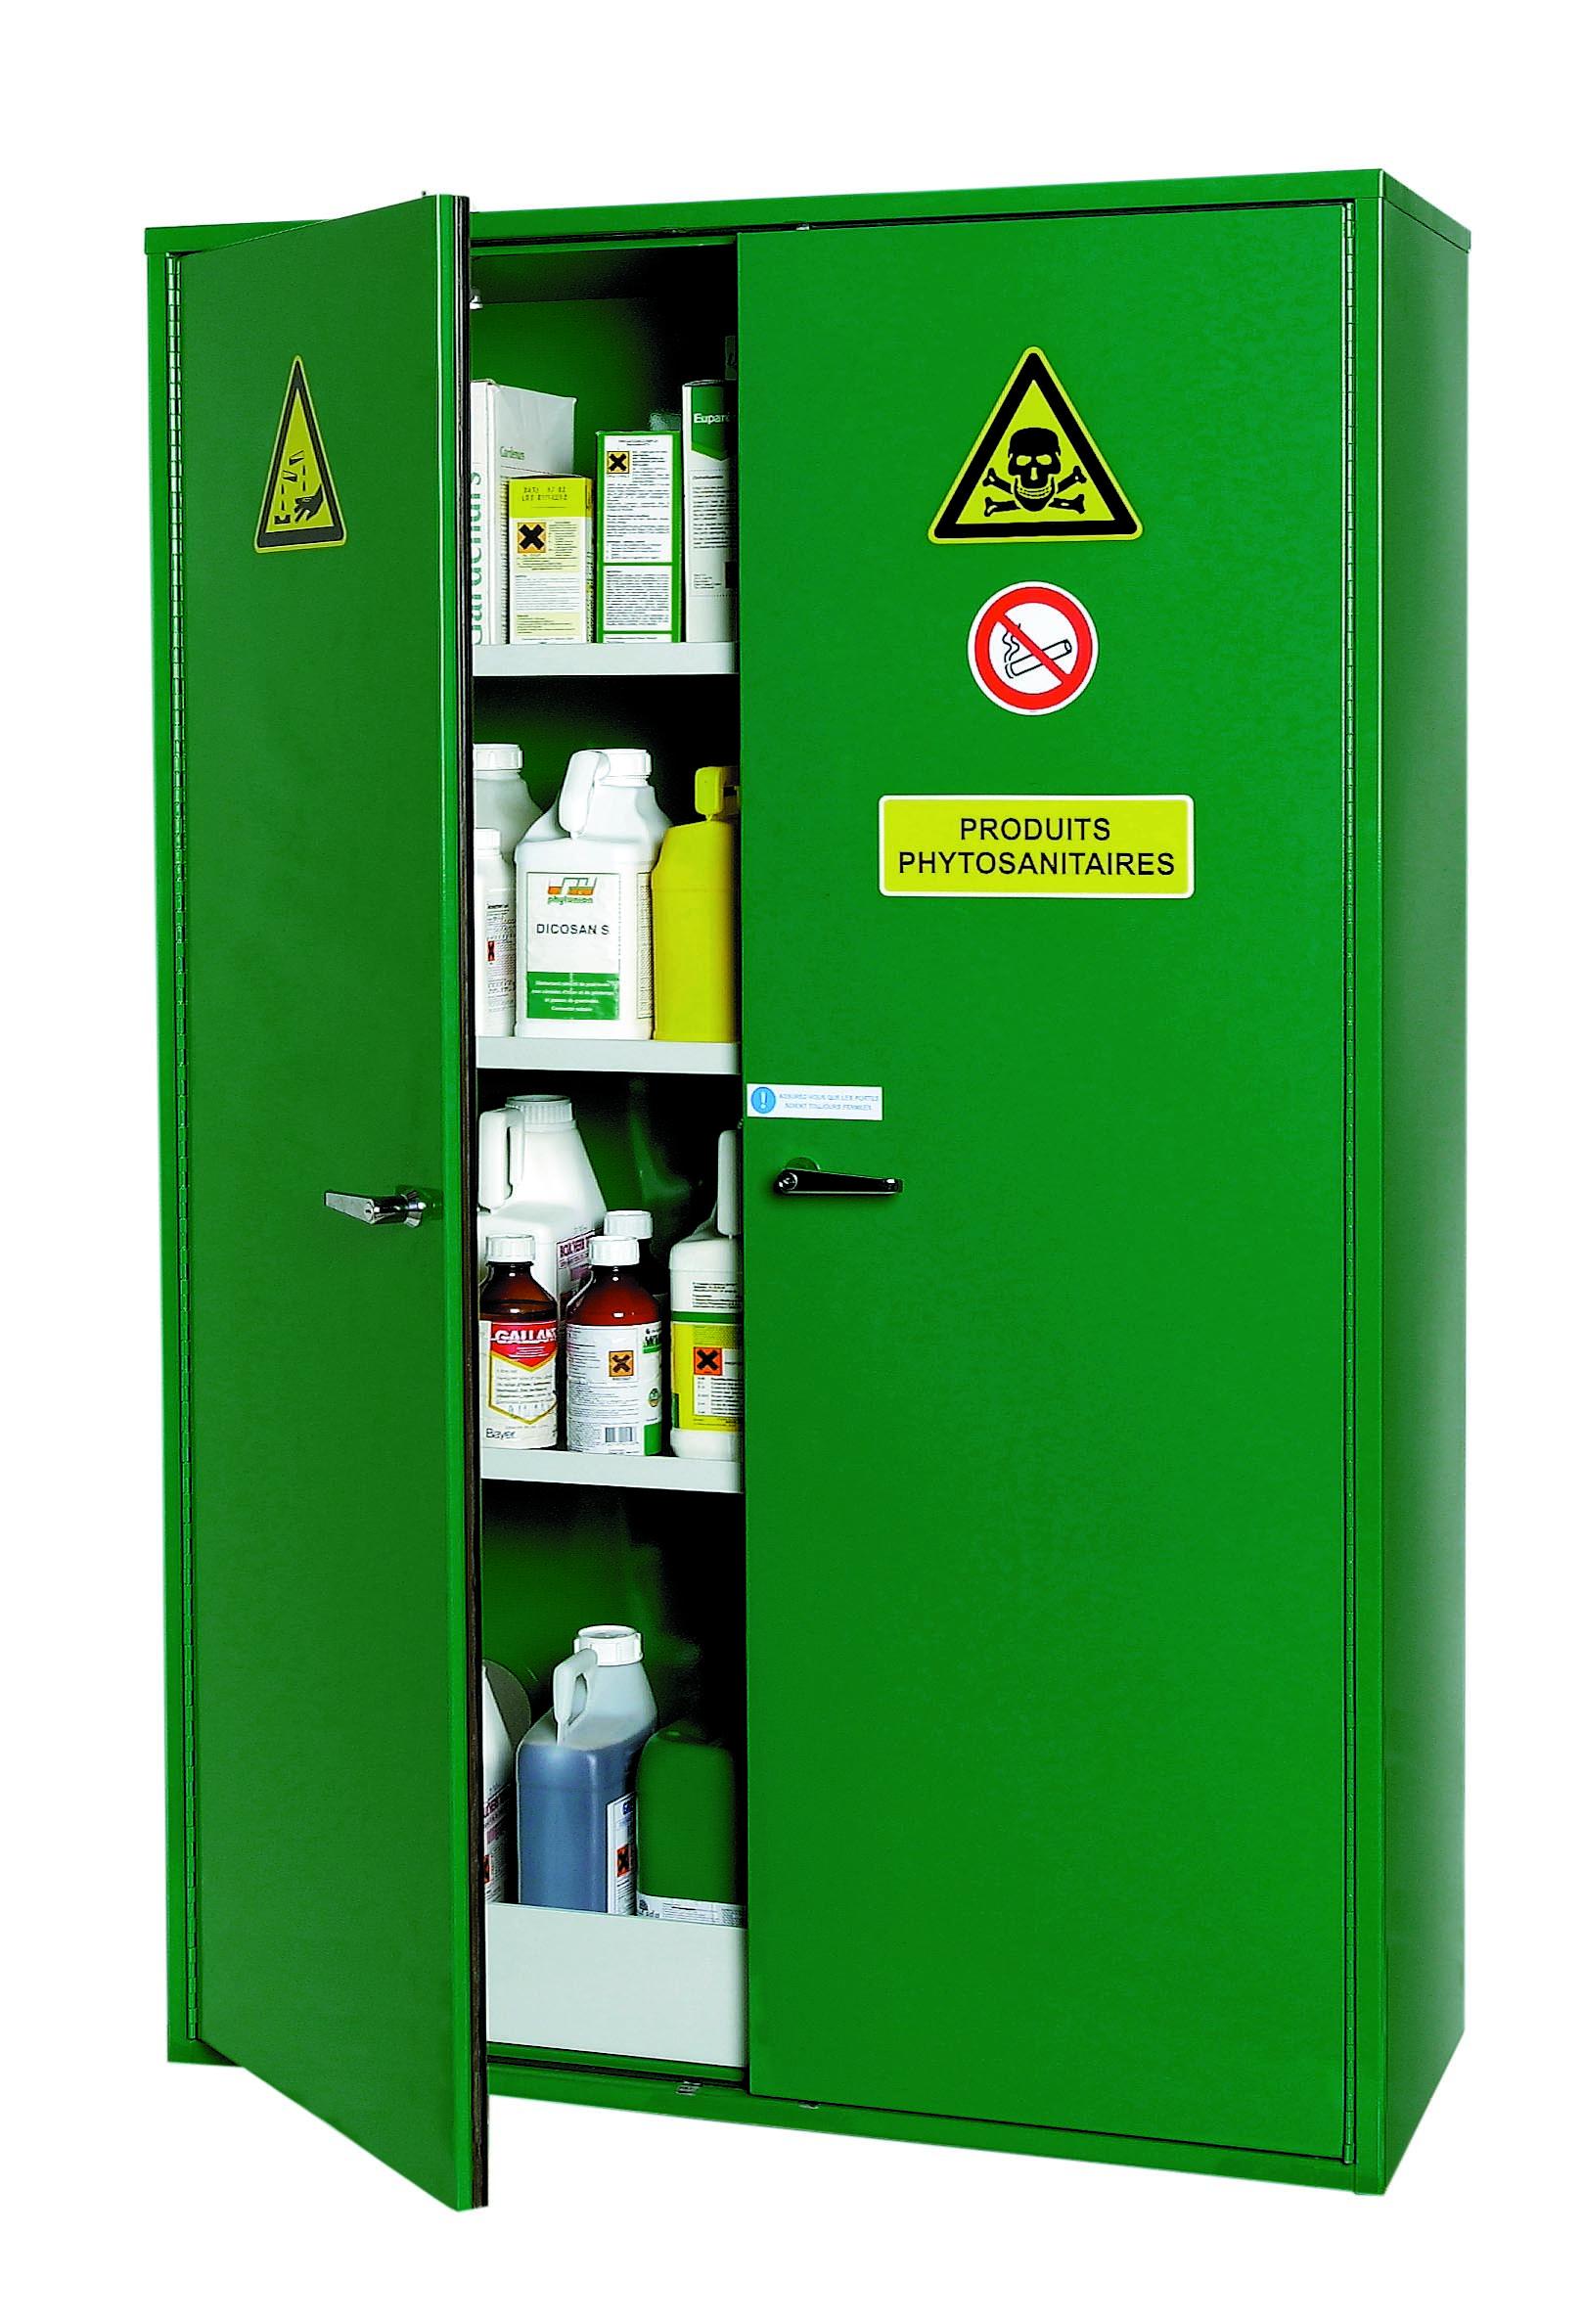 armoire-pour-produits-phytosantaires-verte-avec-signaletique-specifique-3-etageres-et-bac-au-sol-30 (3)